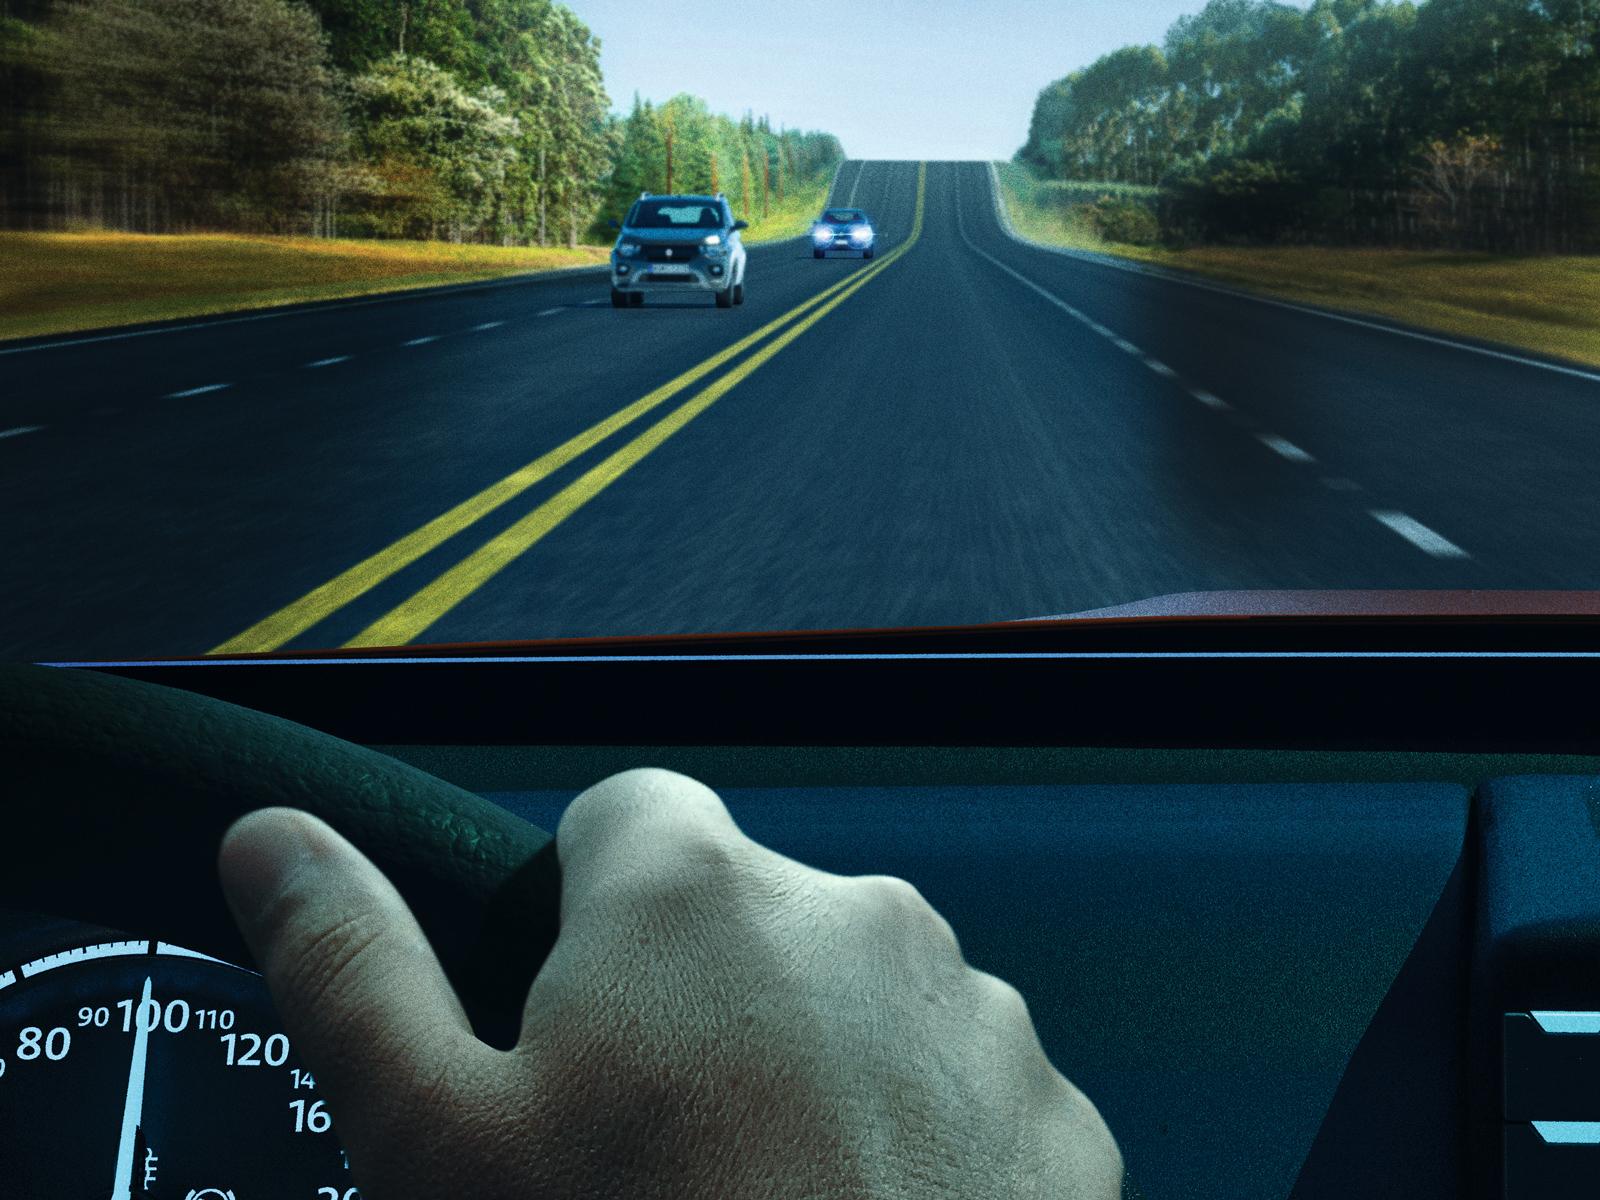 Farol apagado de dia continuará rendendo multa na maior parte das rodovias